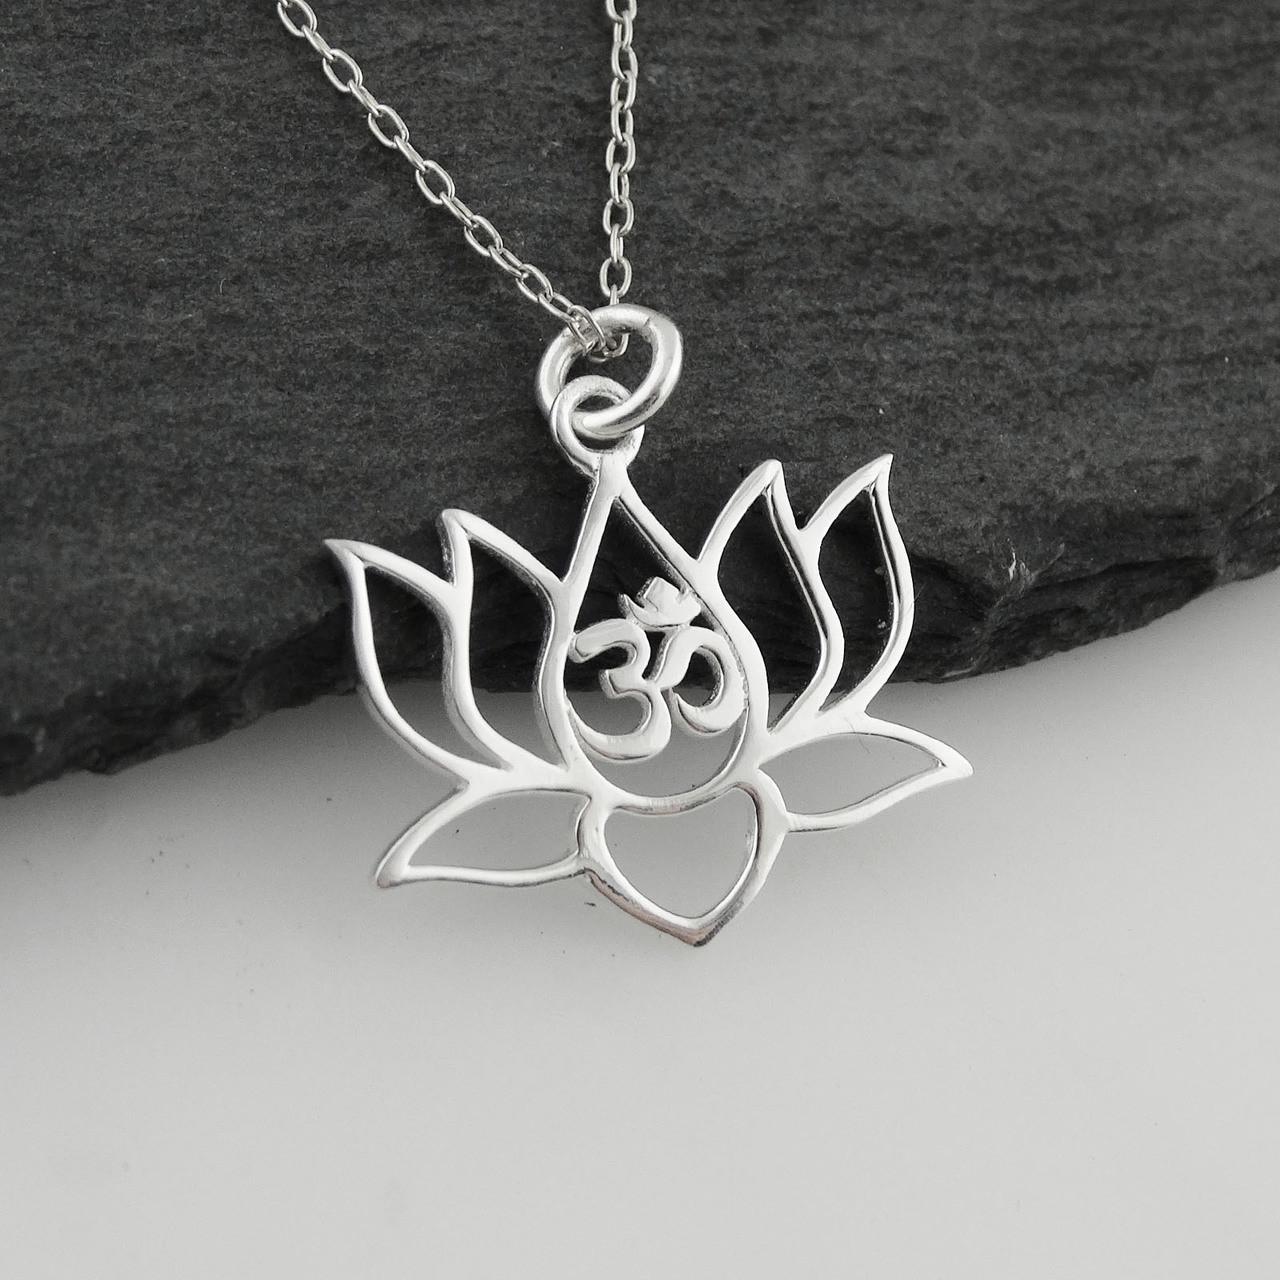 Lotus flower w om cutout necklace 925 sterling silver lotus flower w om cutout necklace 925 sterling silver mightylinksfo